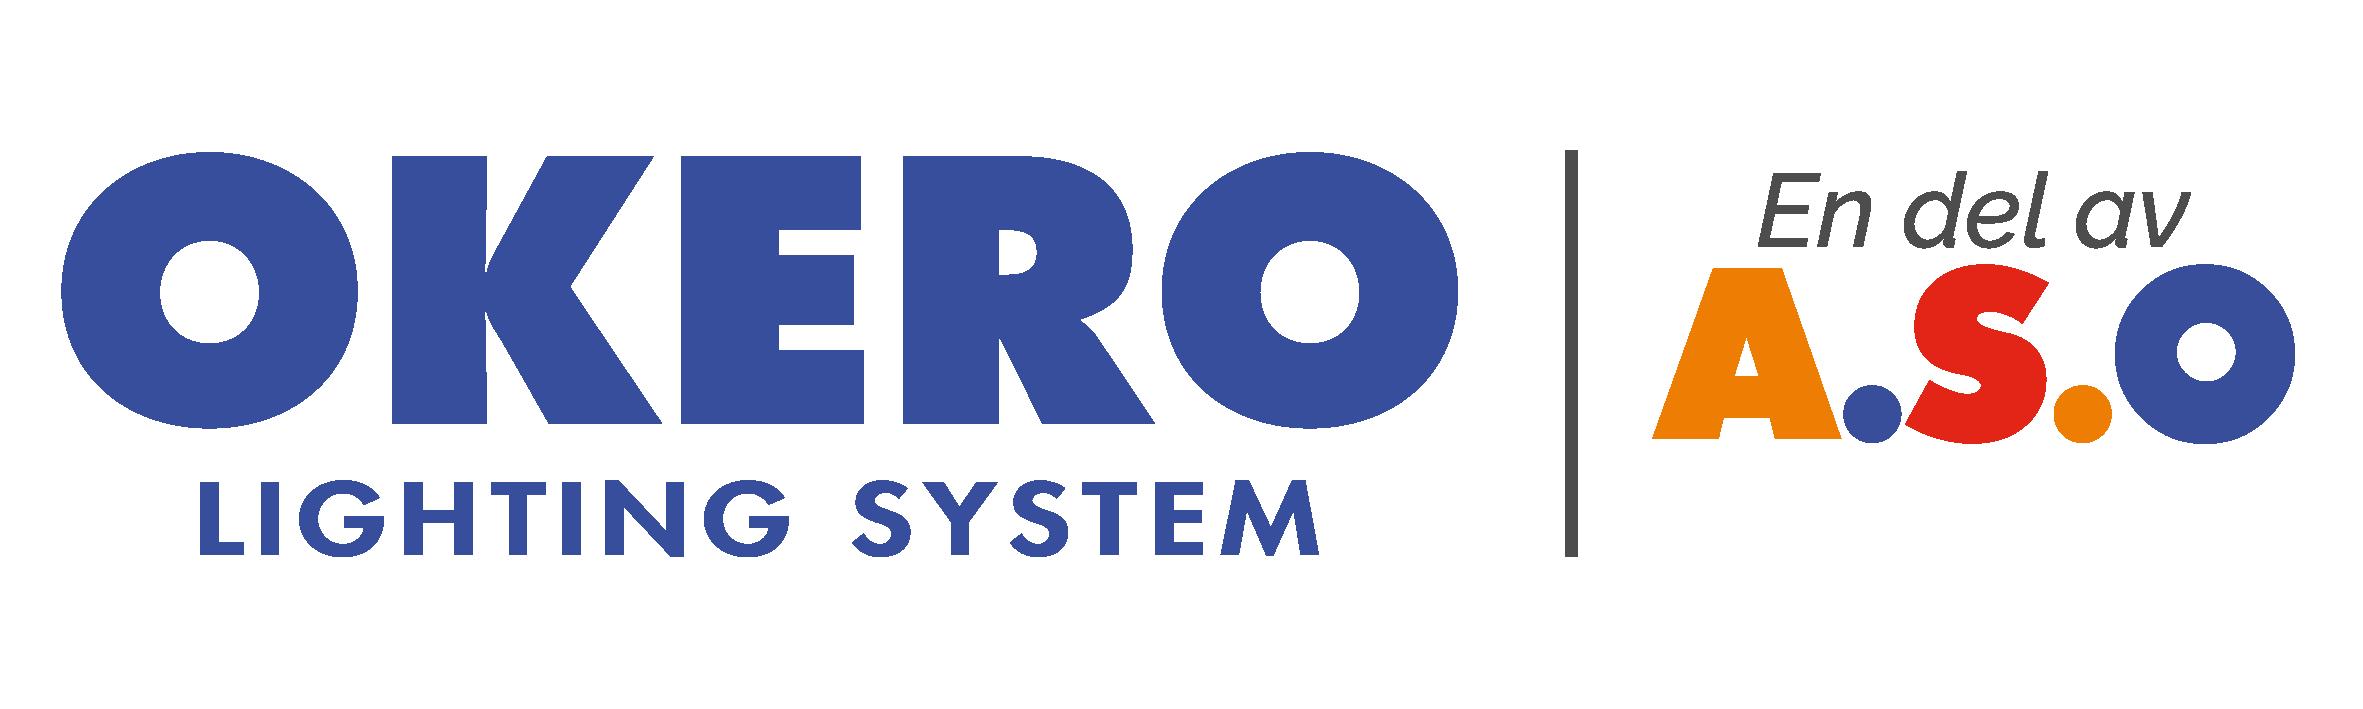 Okero